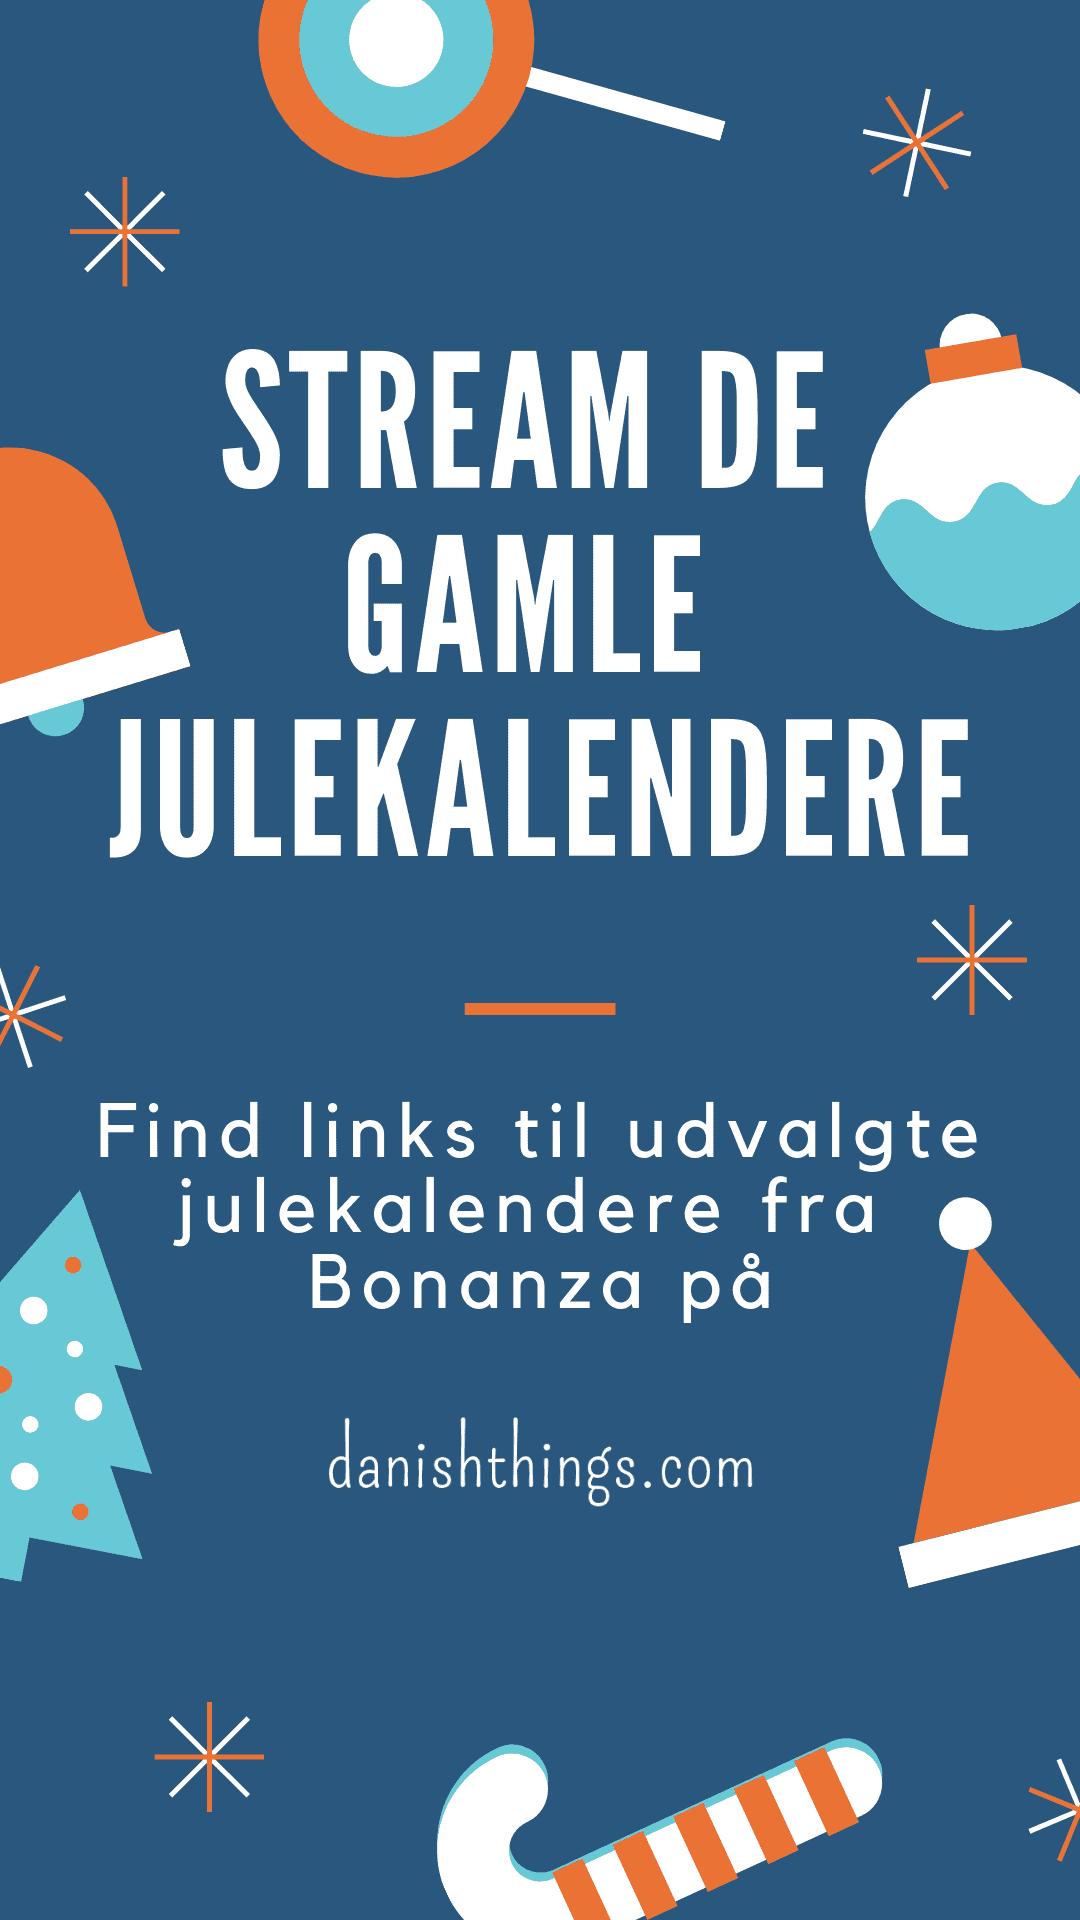 Stream de gamle Danmarks Radio julekalendere. Find også inspiration til din jul, gratis print og opskrifter på danishthings.com